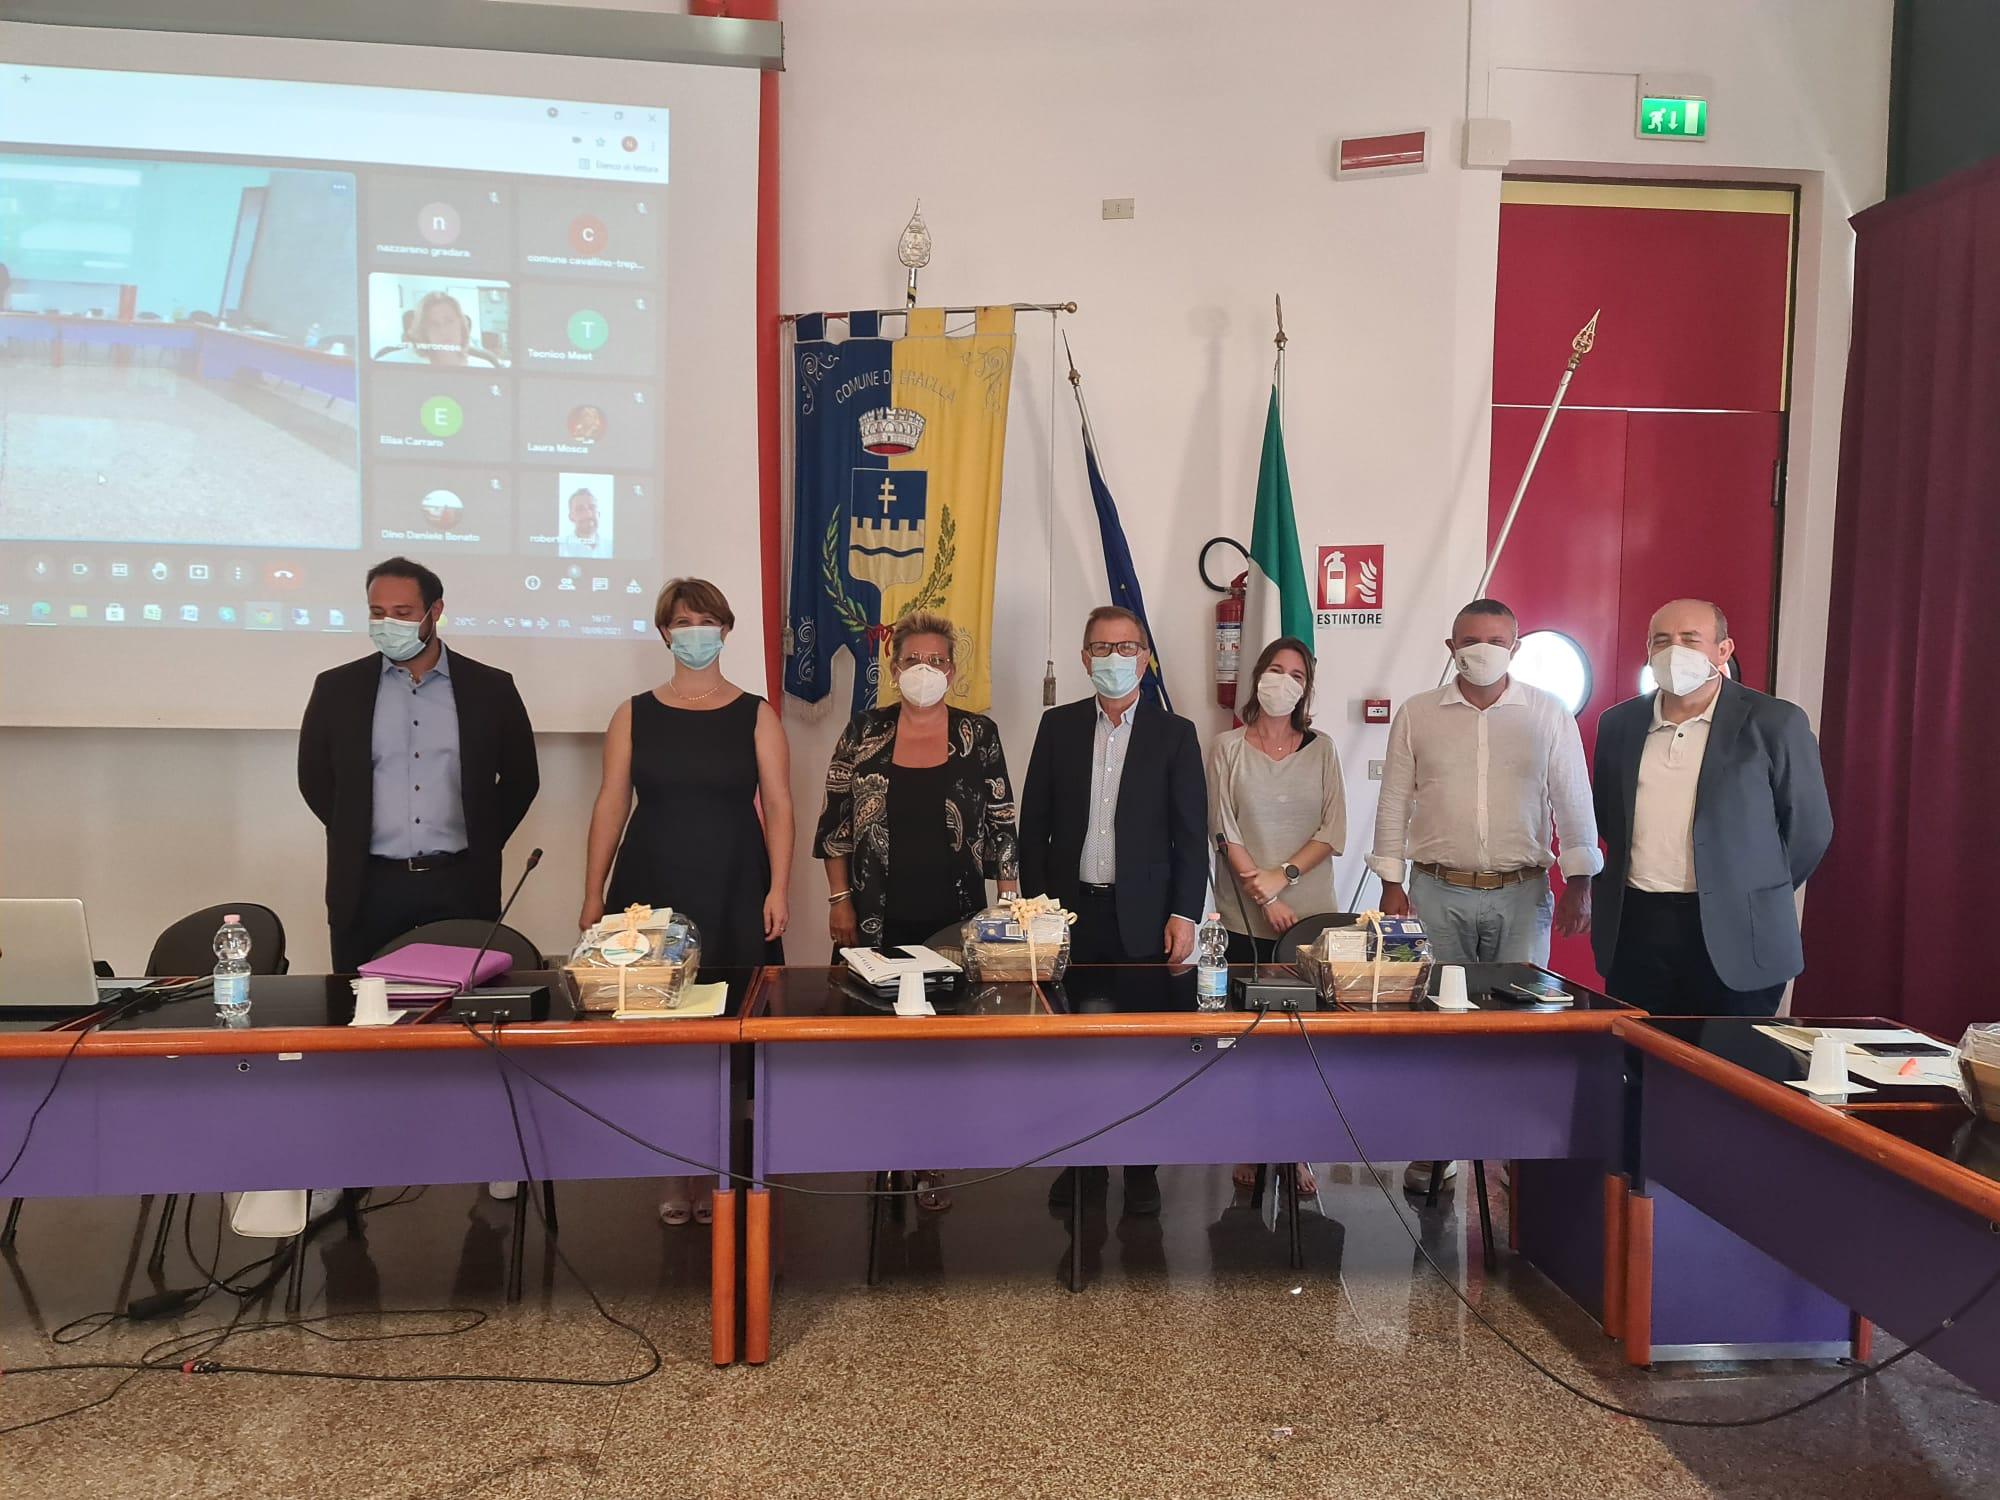 La Conferenza dei Sindaci del Litorale Veneto traccia un bilancio positivo della stagione estiva che volge al termine. Nella riunione, il saluto ai colleghi che lasciano la conferenza per limiti di mandato